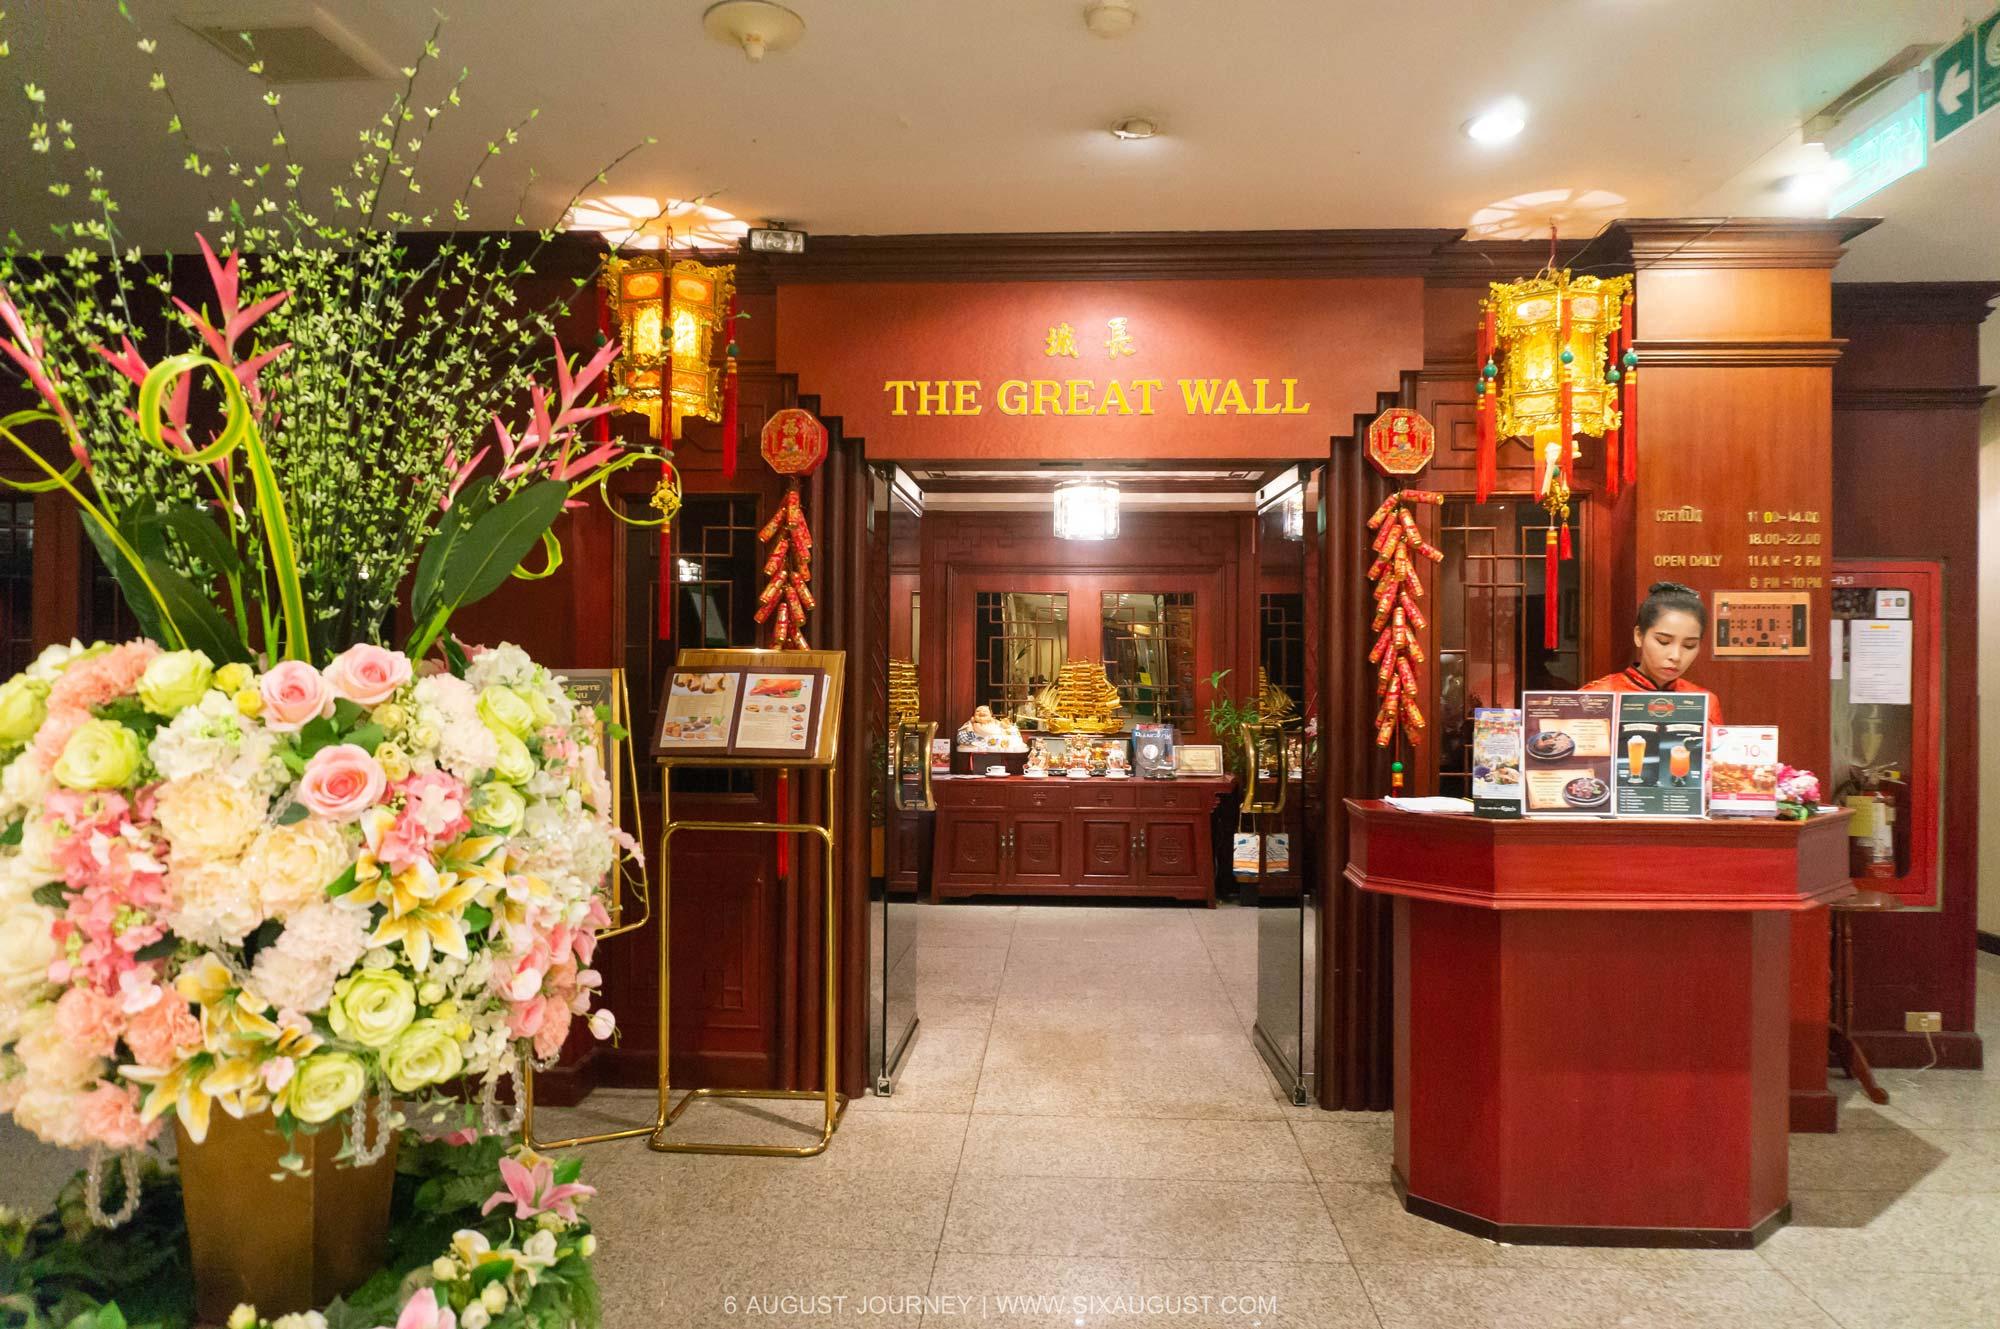 หน้าร้านบุฟเฟ่ต์ติ่มซํา โรงแรมเอเชีย